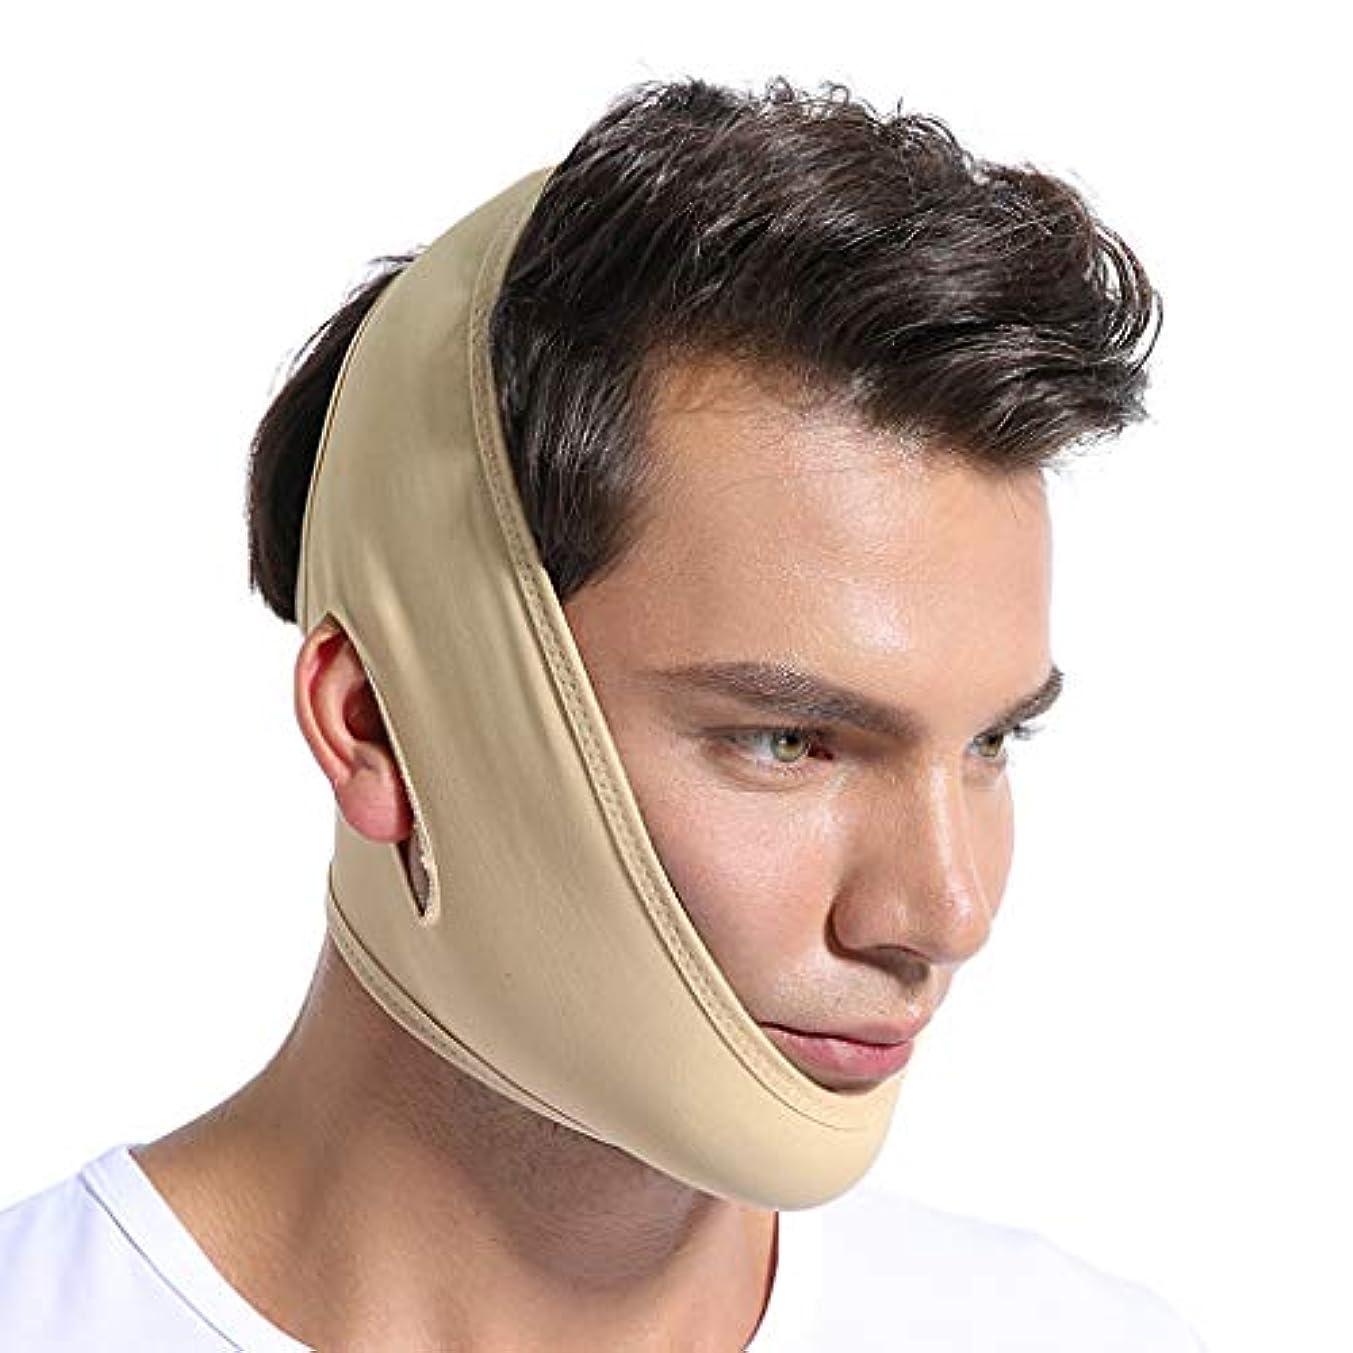 サイドボードいとこやりすぎ医療ワイヤは、回復回復マスクは、同じ段落を揺るがすネット赤の男性と女性の顔の包帯 v 顔薄い顔アーティファクトを彫る